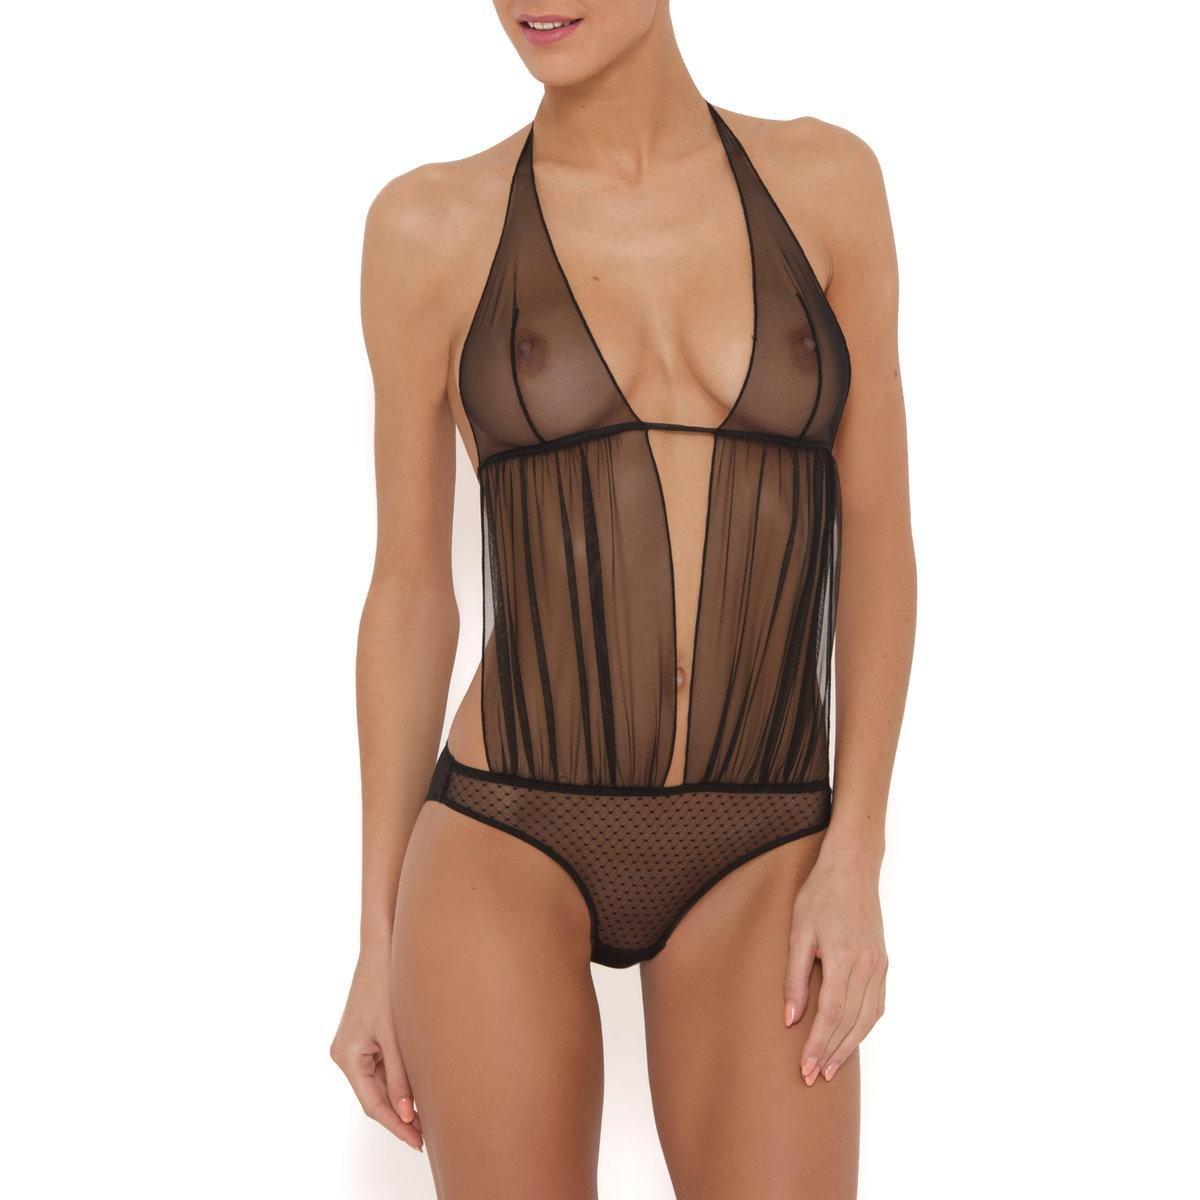 J'ai pu trouver des dizaines de modèles de body femme sur ce site